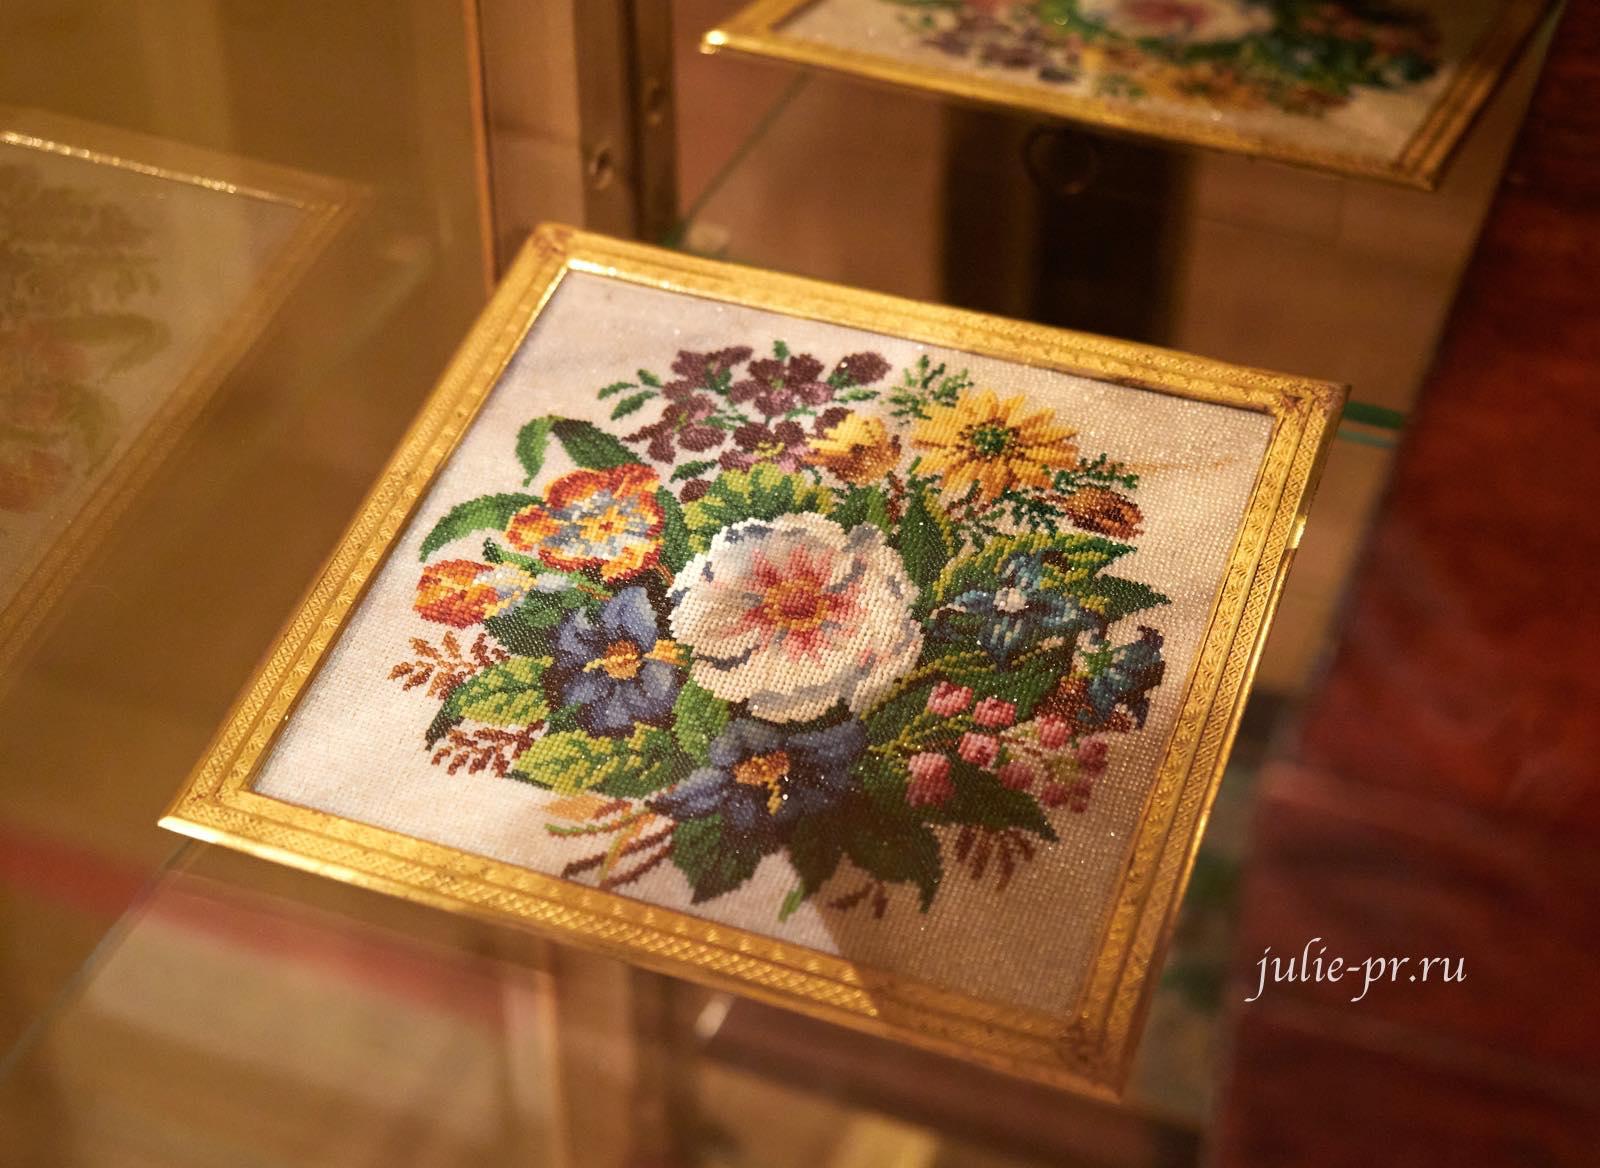 Букет цветов, 1820-е гг, Россия, вышивка бисером, выставка Старинные вышивки